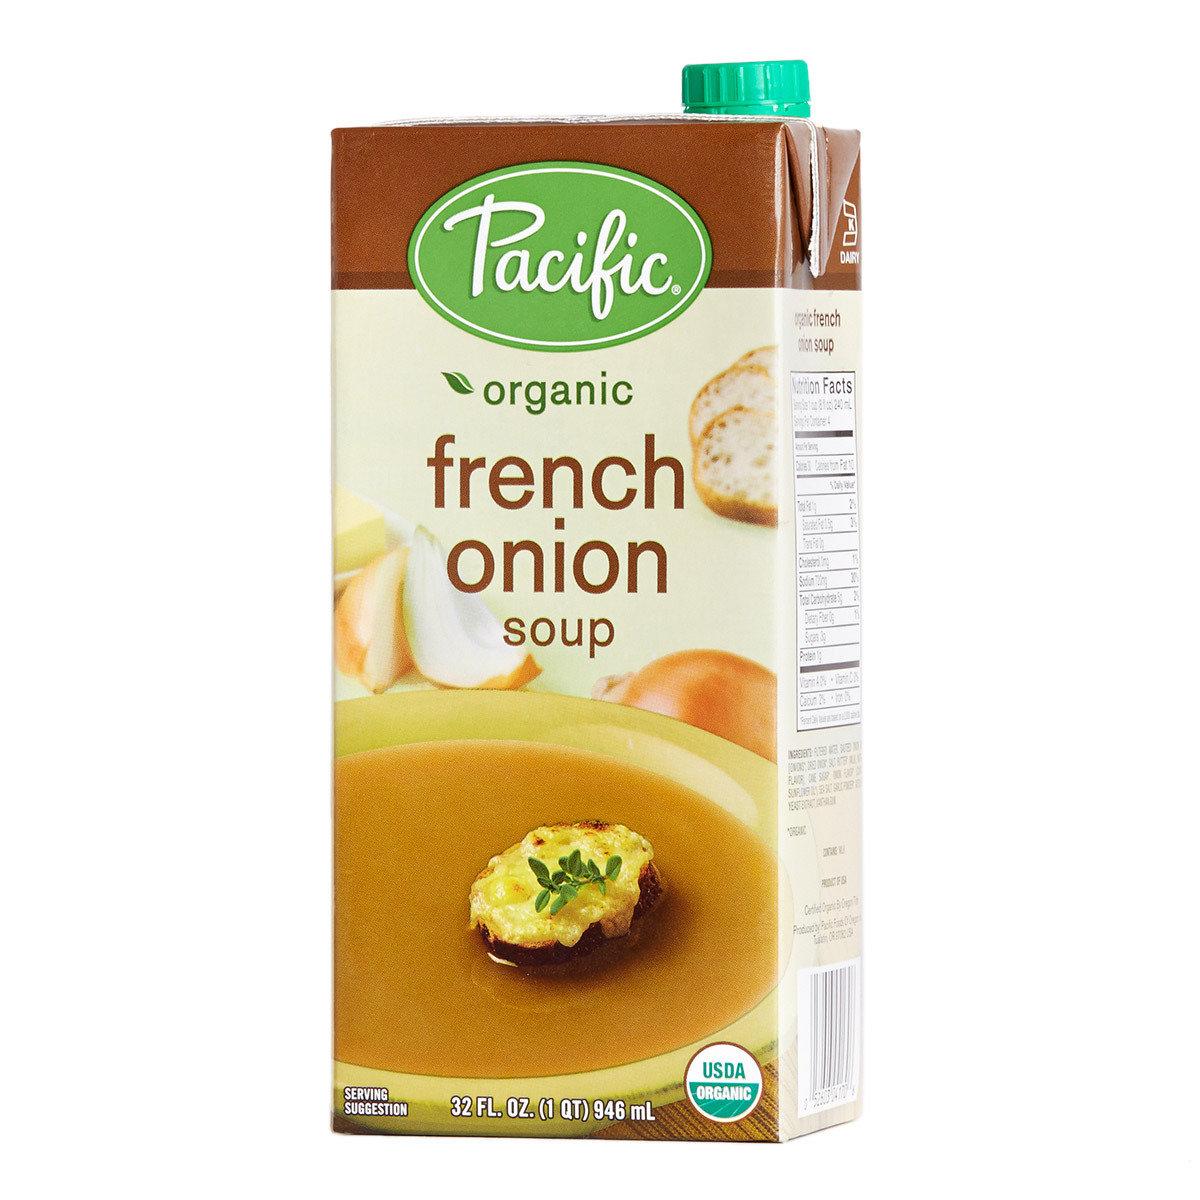 有機法國洋蔥湯